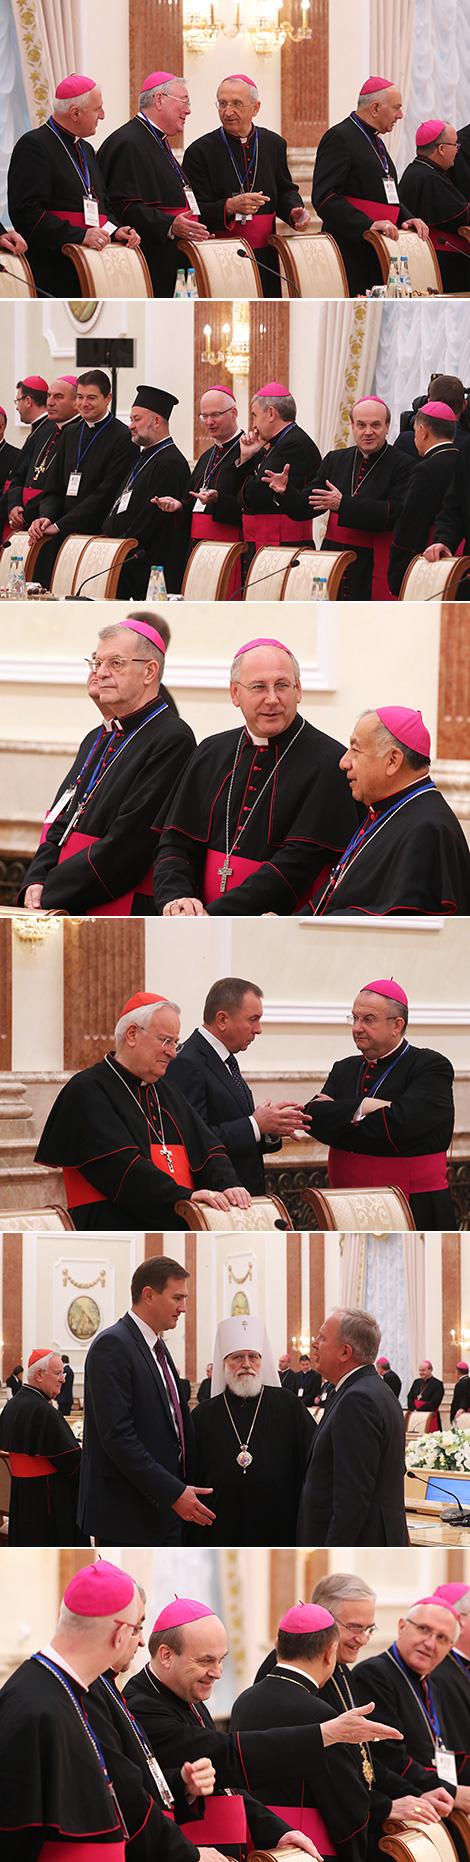 Встреча Александра Лукашенко с участниками пленарного заседания Совета епископских конференций Европы